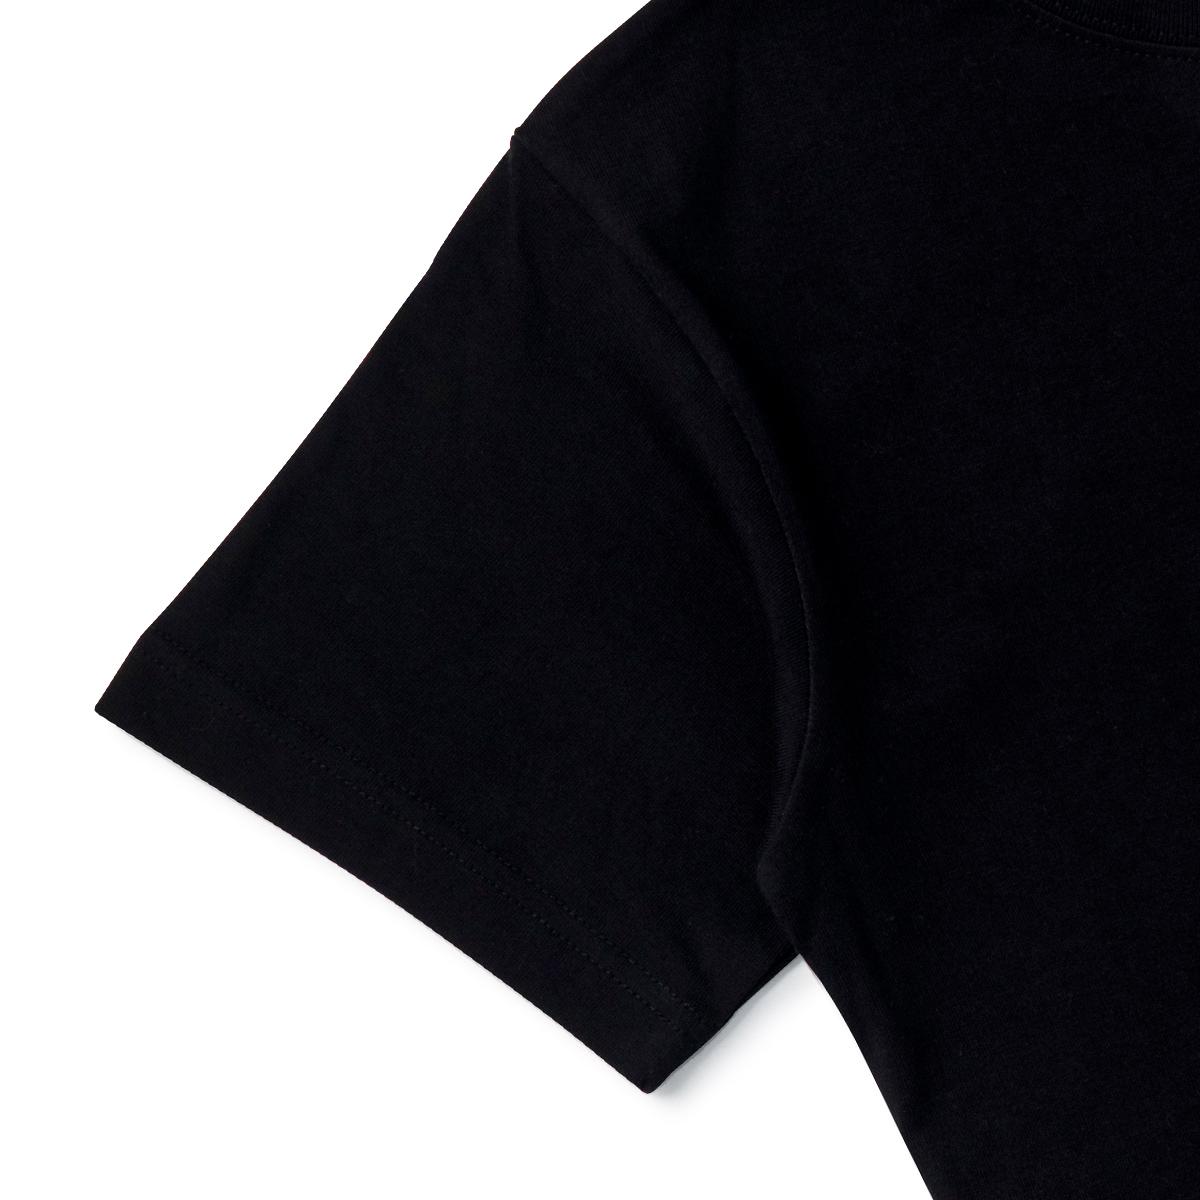 [스티커 컬렉션] 브라운앤프렌즈 땡큐 반팔 티셔츠